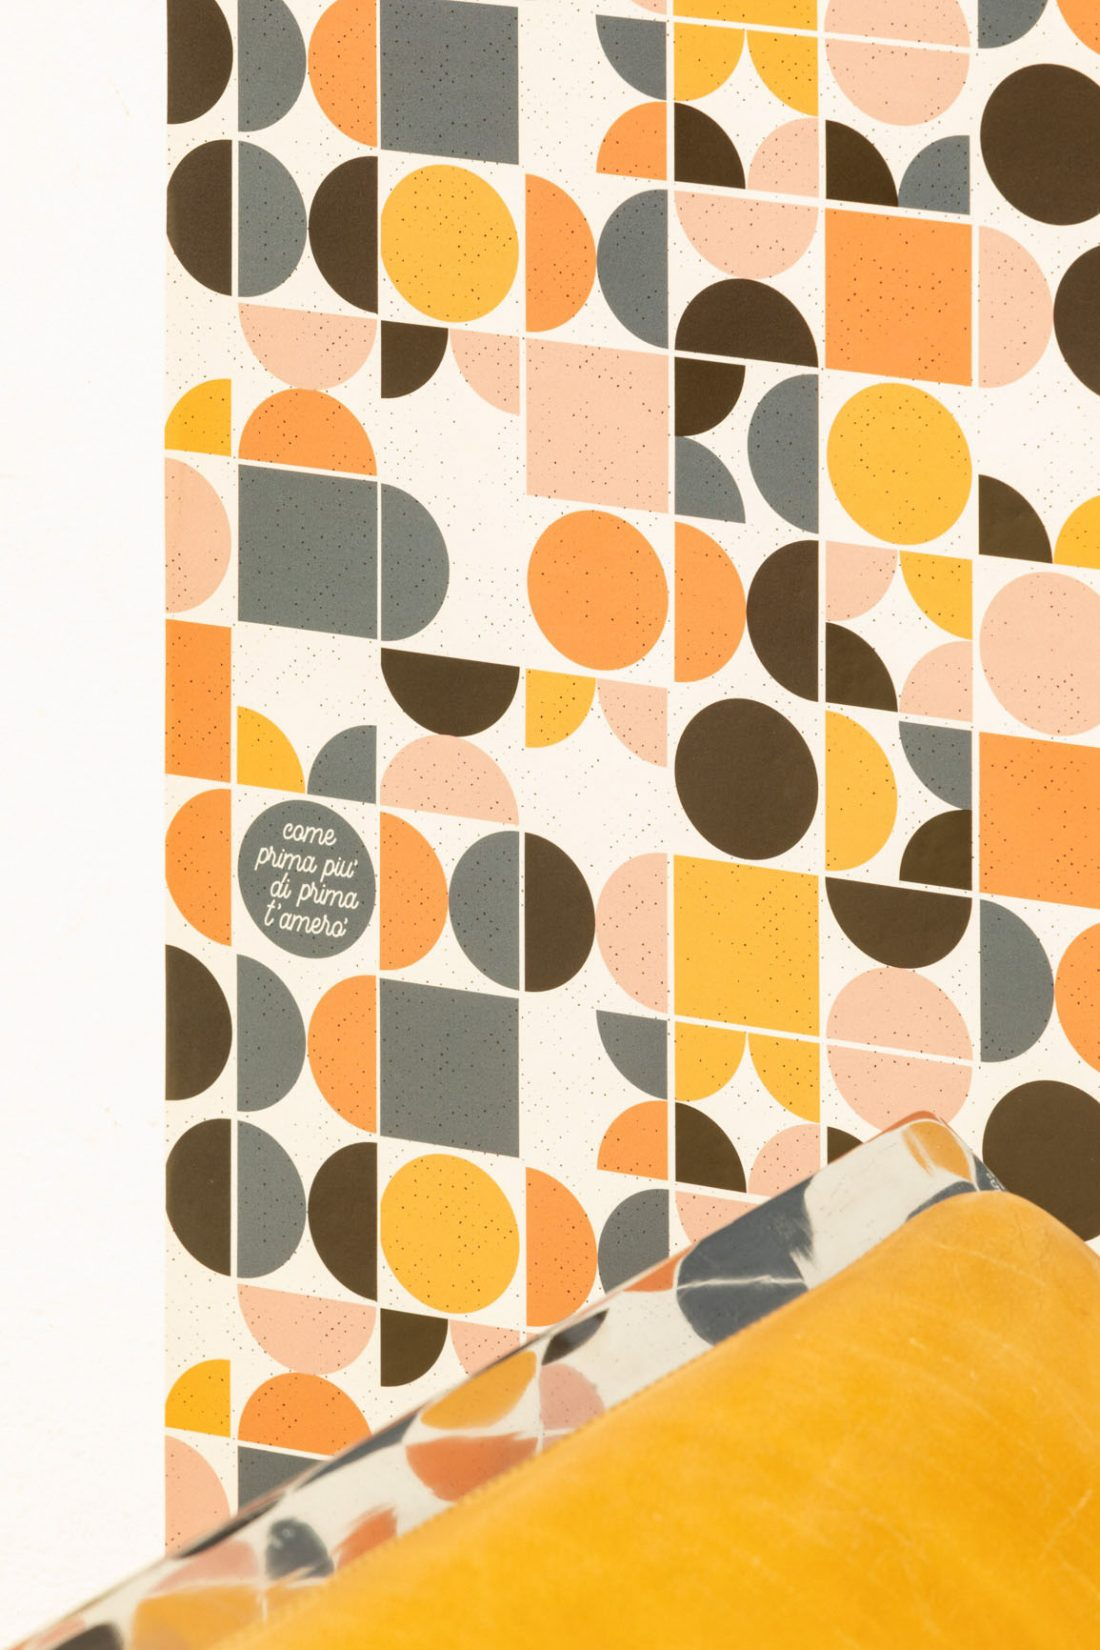 La mostra a tema anni Cinquanta che espone i pattern in formato carta da parati